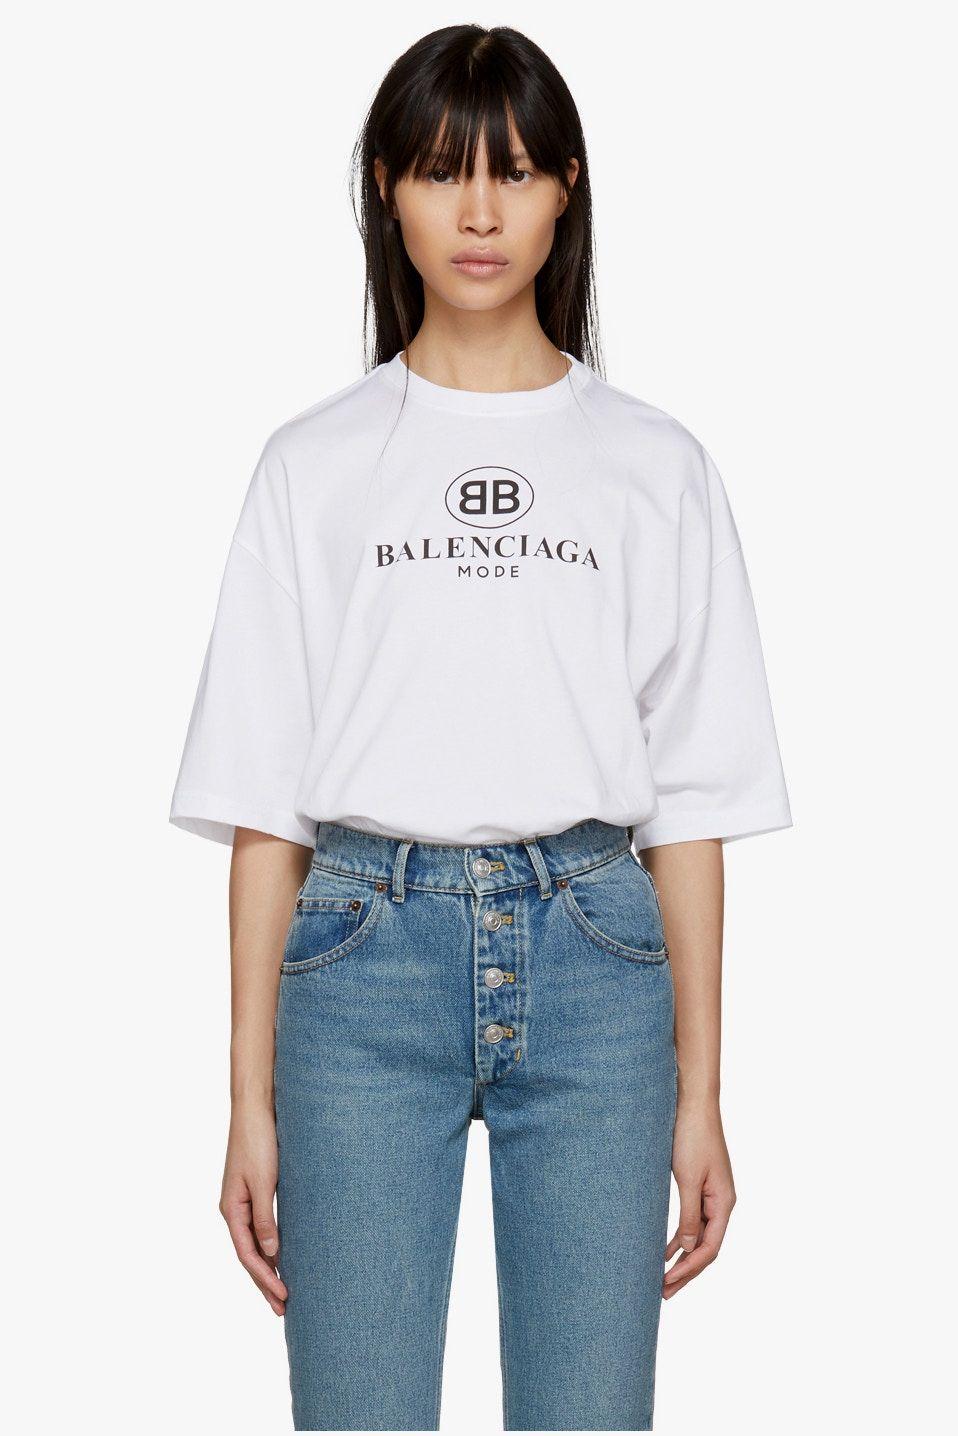 Move Over Gucci, Balenciaga Releases